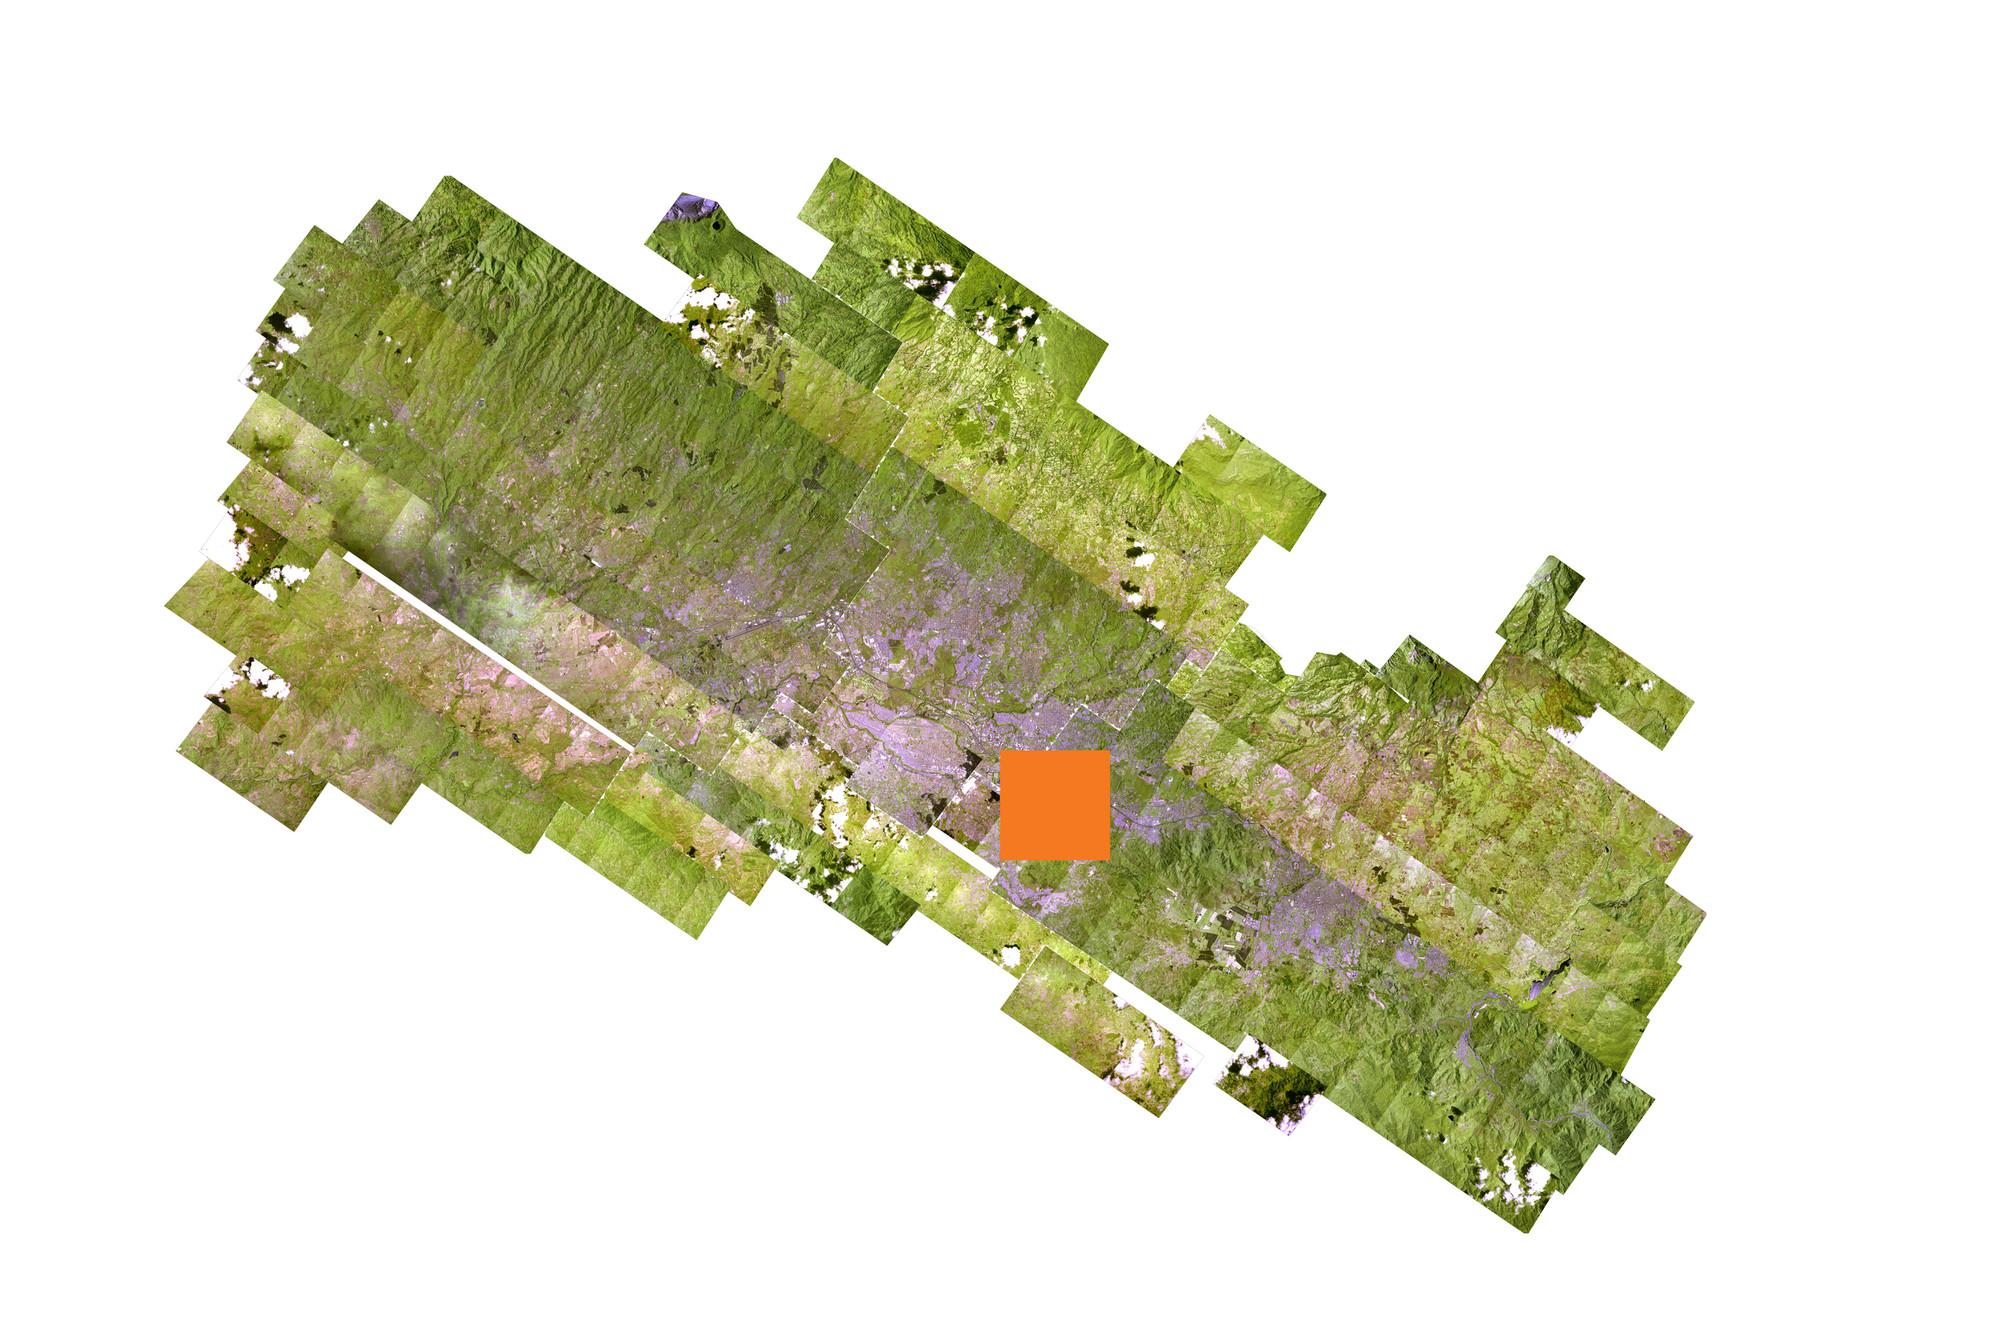 La compuesta imagen satélite de la GAM ilustra la concentración de las ciudades en el Valle Central de Costa Rica. Las laderas hacia las sierras al norte y al sur fungen como fronteras naturales para el desarrollo urbano. Sin embargo, muchos de las suburbanizaciones han crecido a lo largo de las laderas, donde sustituyen los usos agrícolas o bosques y amenazan los acuíferos que abastecen a la GAM con agua potable. El cuadrado naranja indica la zona central de San José y su crecimiento suburbano hacia el sureste.. Image Cortesia de  A-01 y PRUGAM